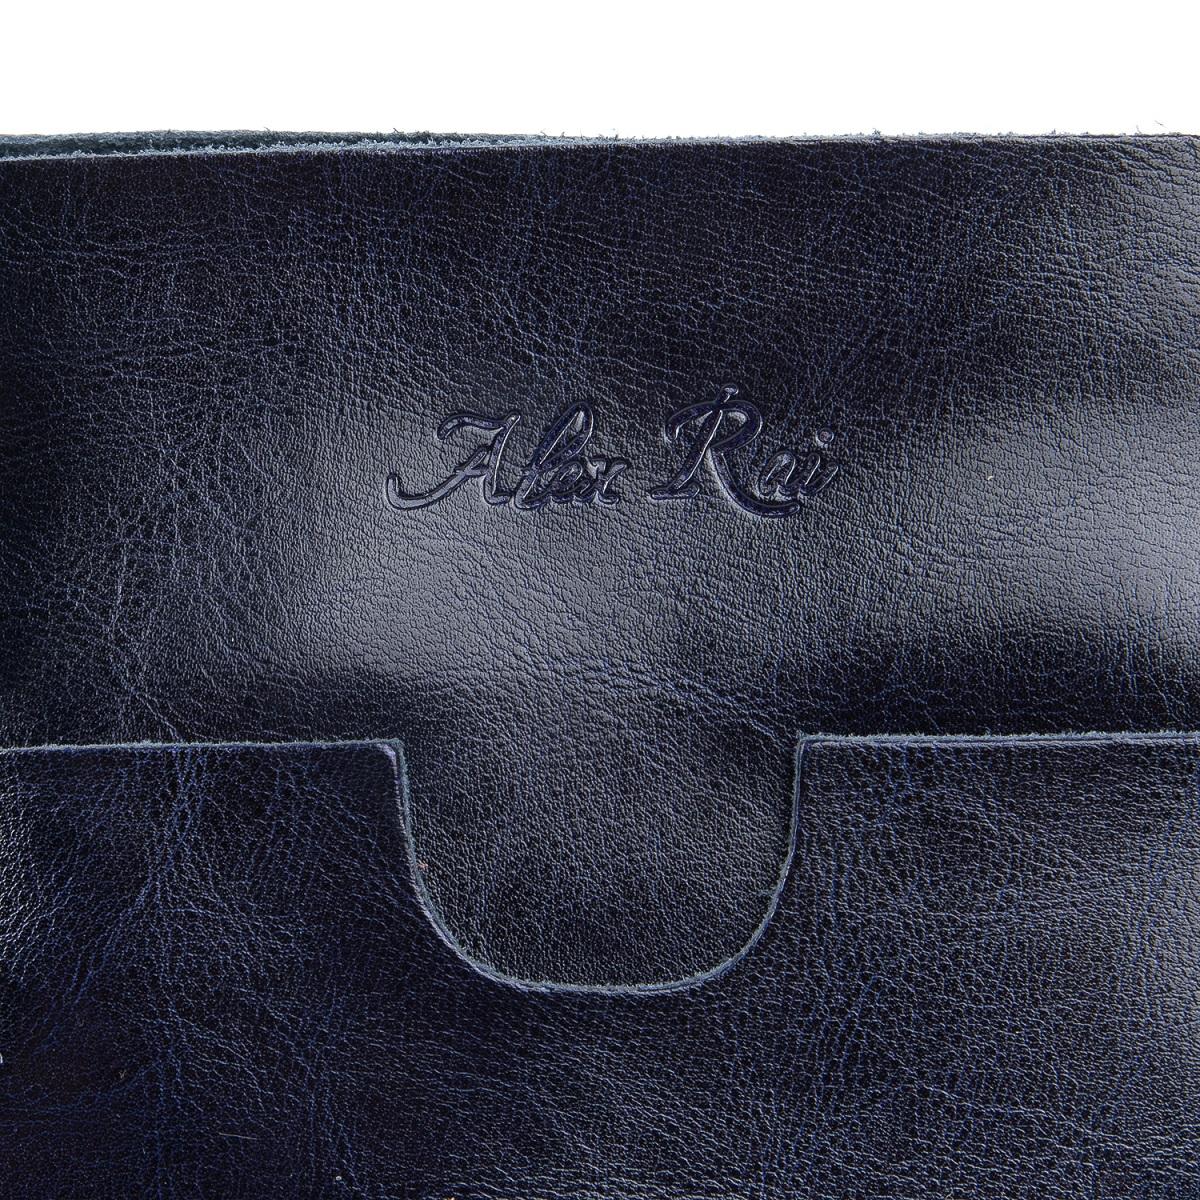 Сумка Женская Классическая кожа ALEX RAI 08-1 1535 blue - фото 4